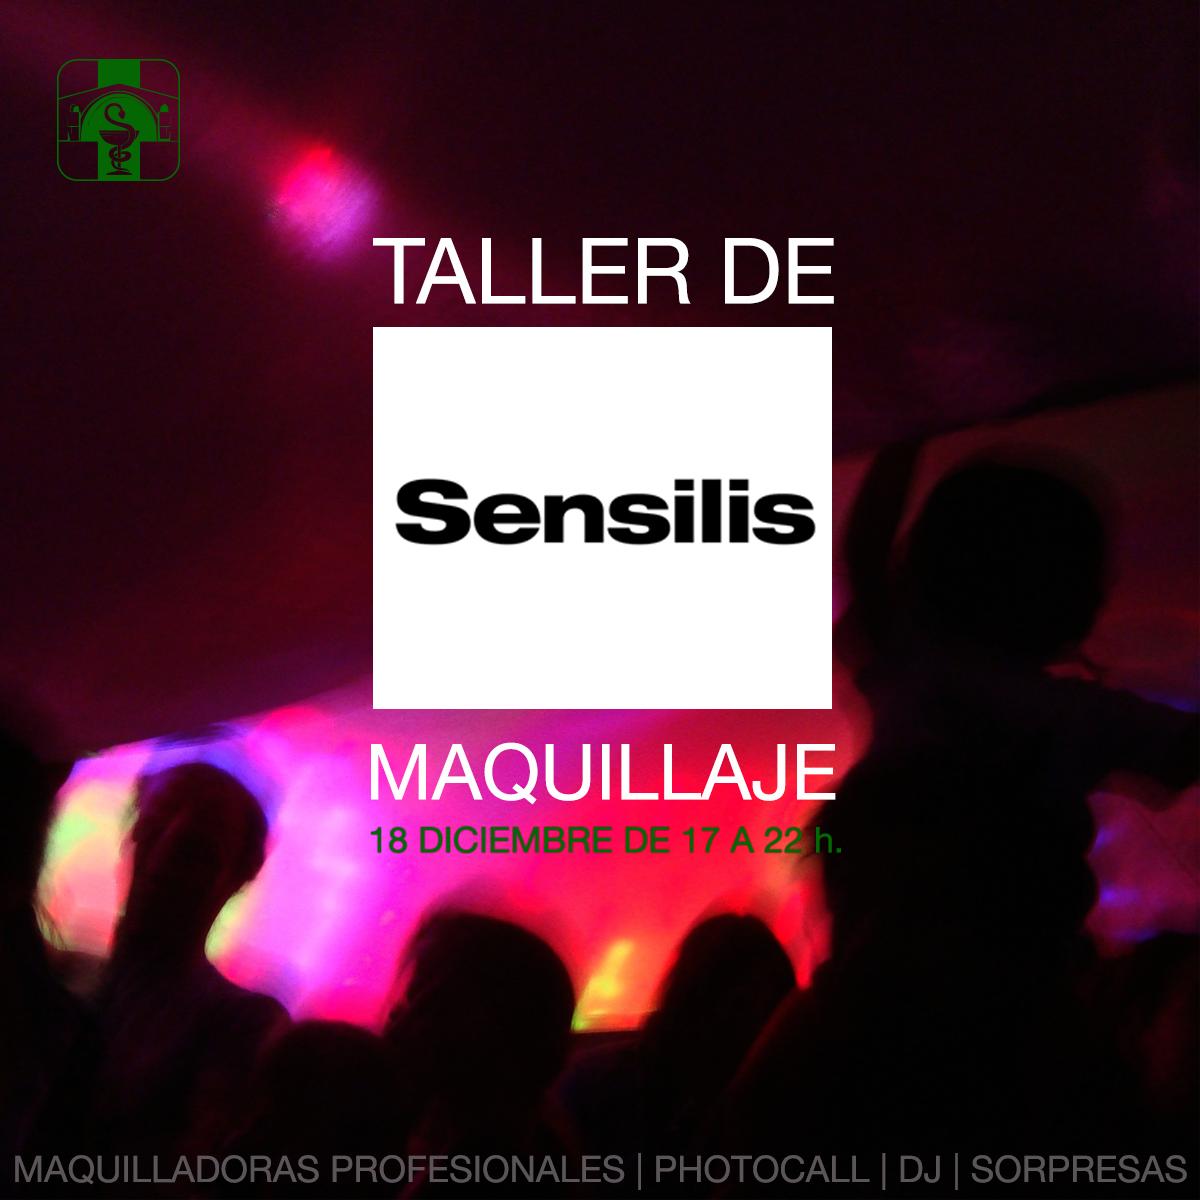 Taller Sensilis